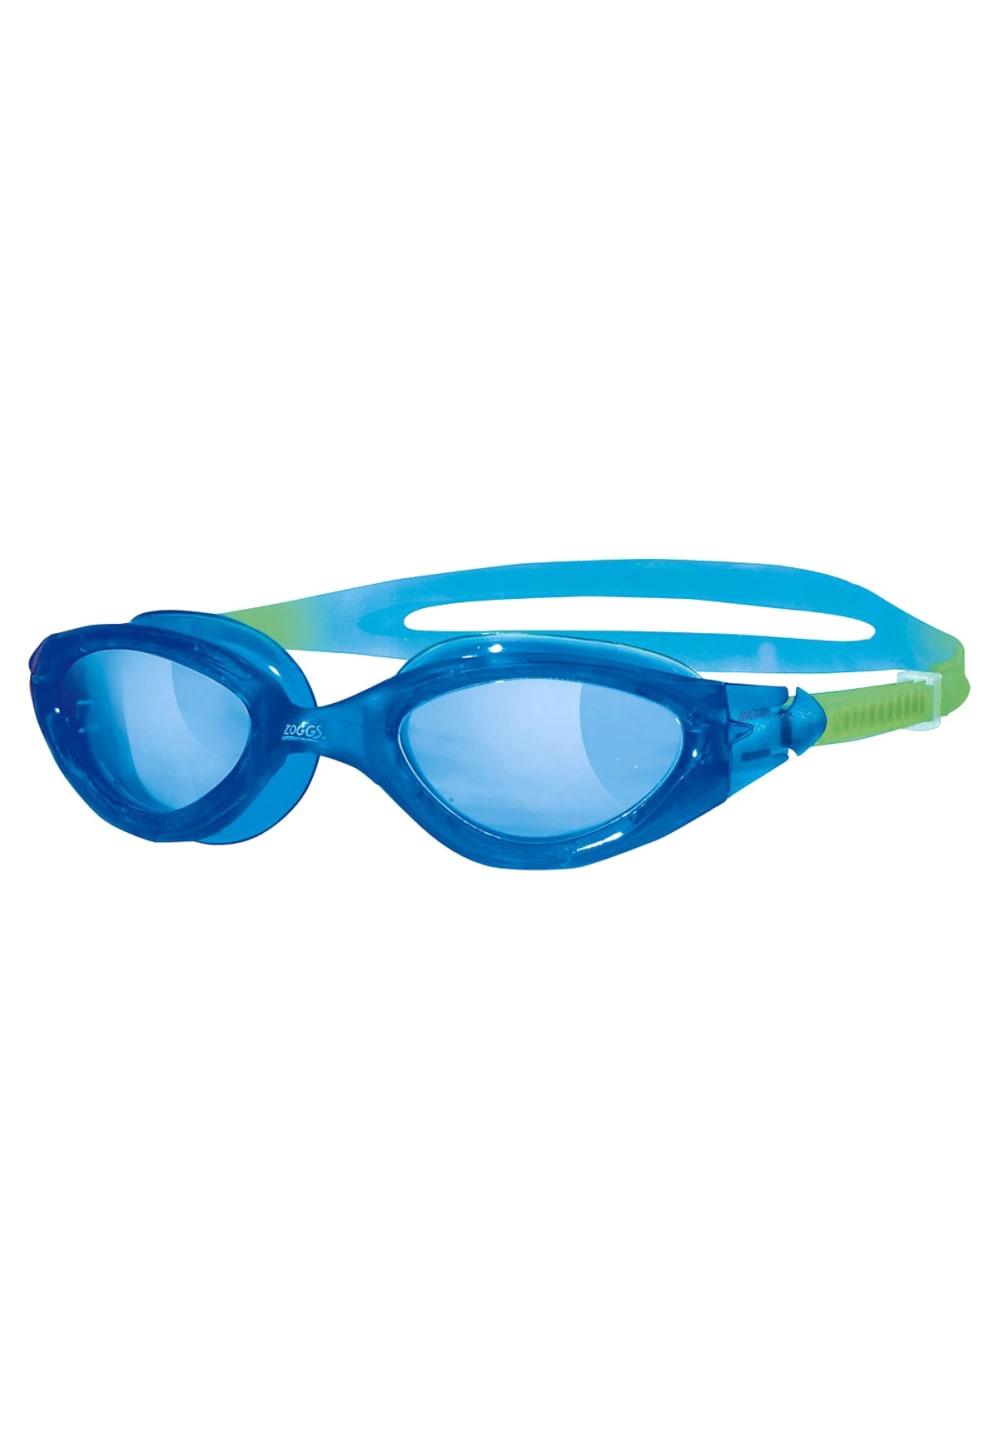 Zoggs Panorama Junior - Schwimmen für Kinder Unisex - Blau, Gr. One Size